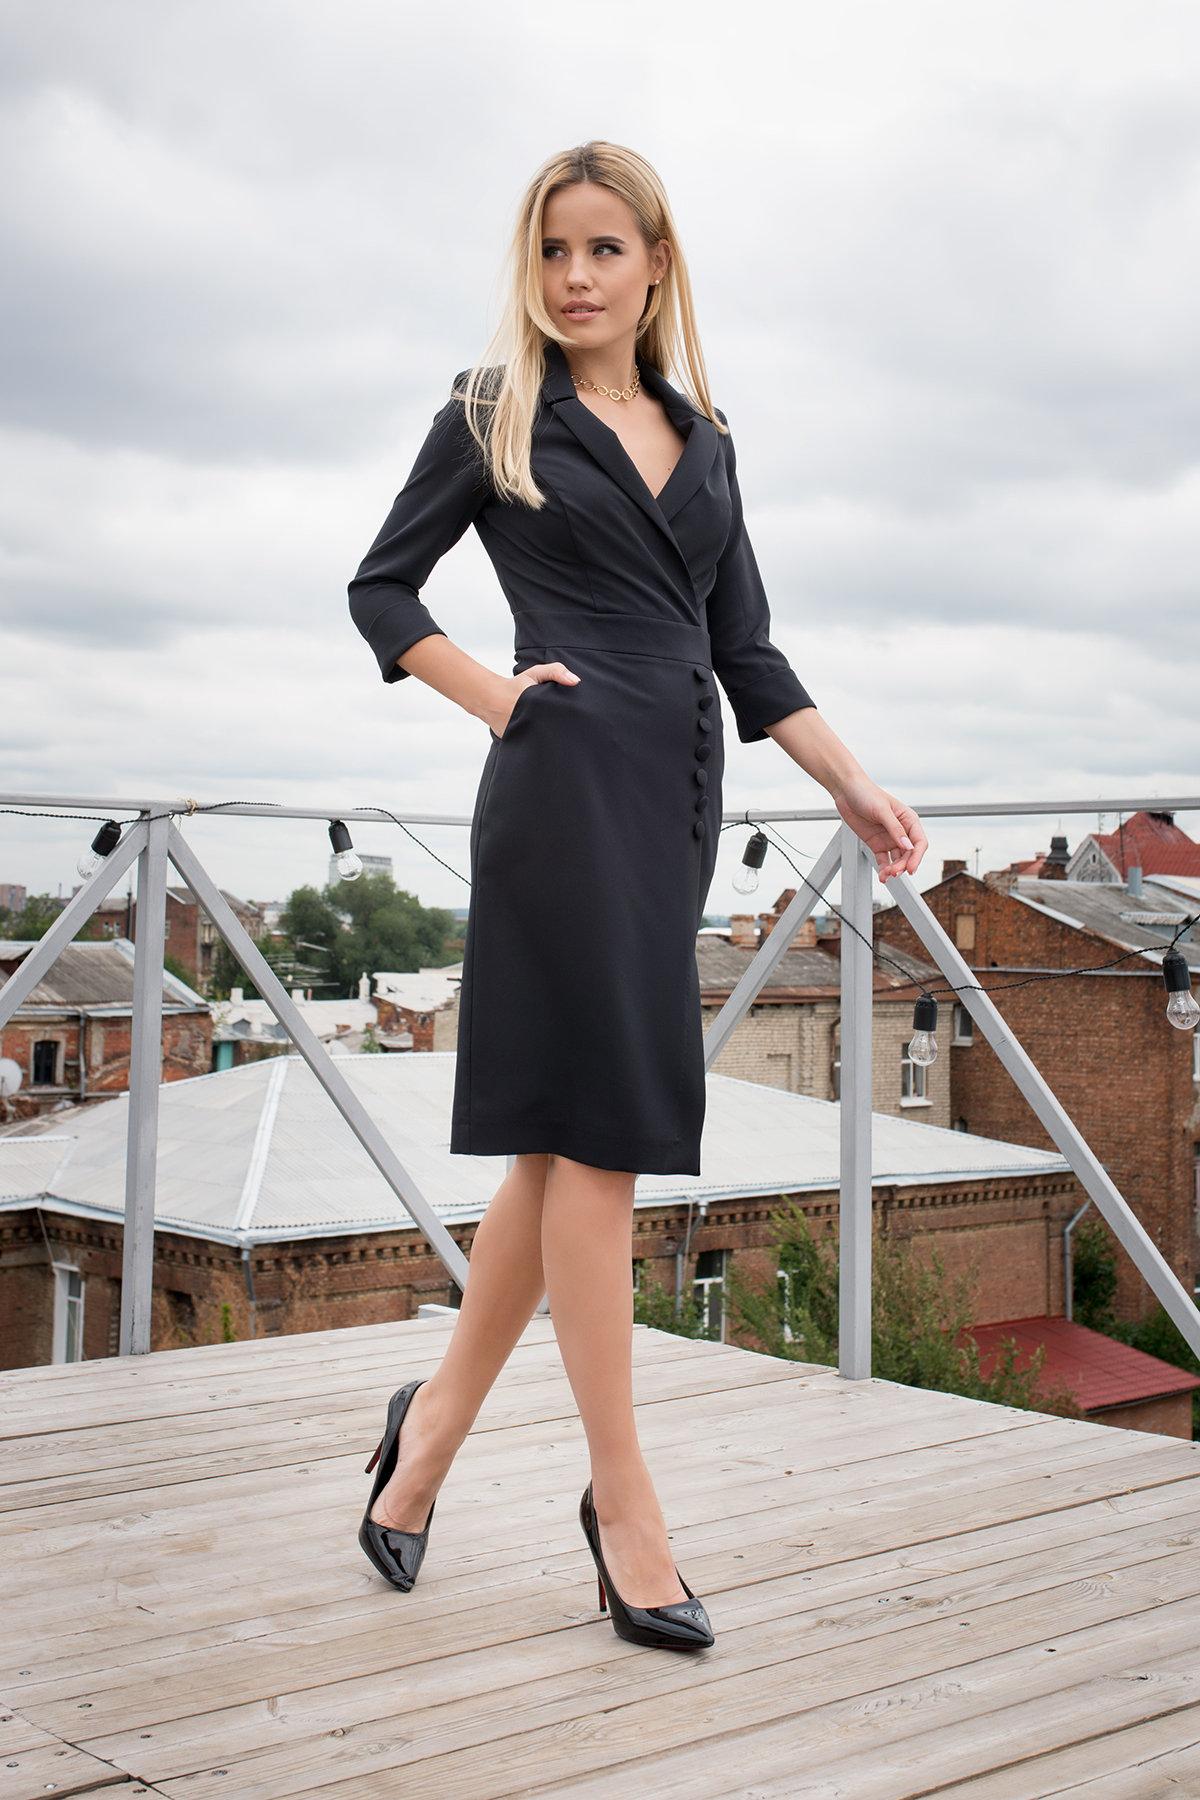 Элегантное платье Стрит 7833 АРТ. 43691 Цвет: Черный - фото 2, интернет магазин tm-modus.ru